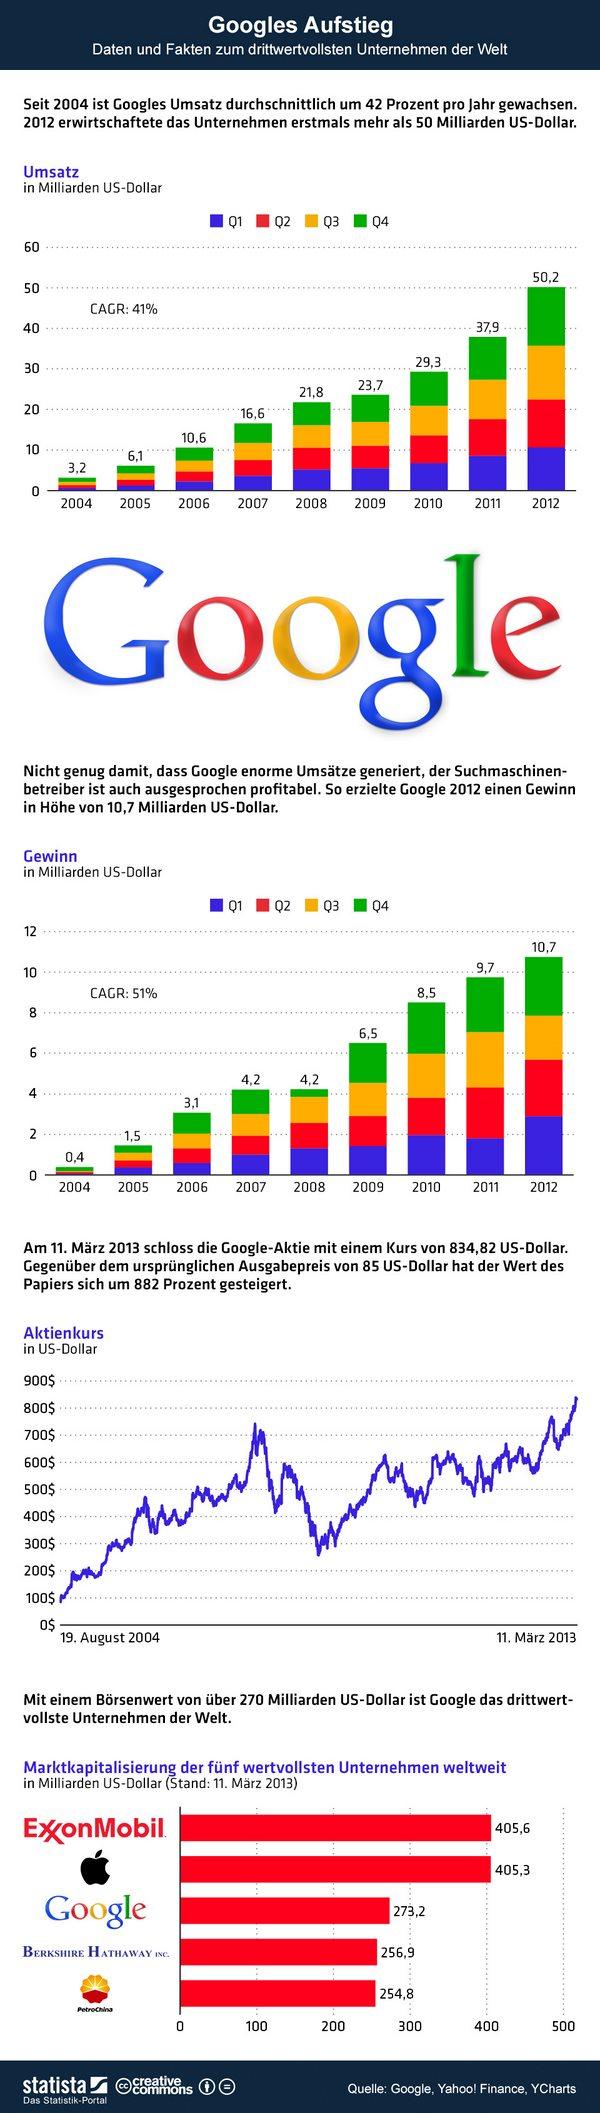 infografik_983_daten_und_fakten_zum_aufstieg_von_google_b